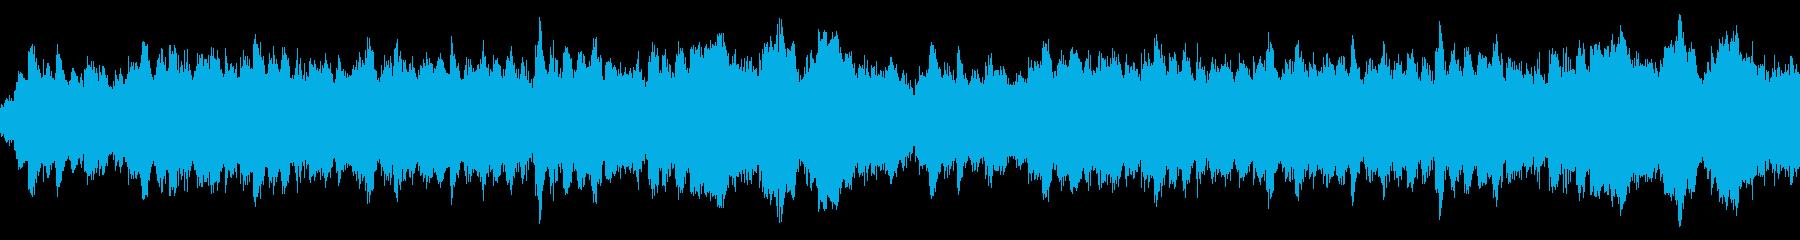 落ち着いたバラード アンビエント ループの再生済みの波形